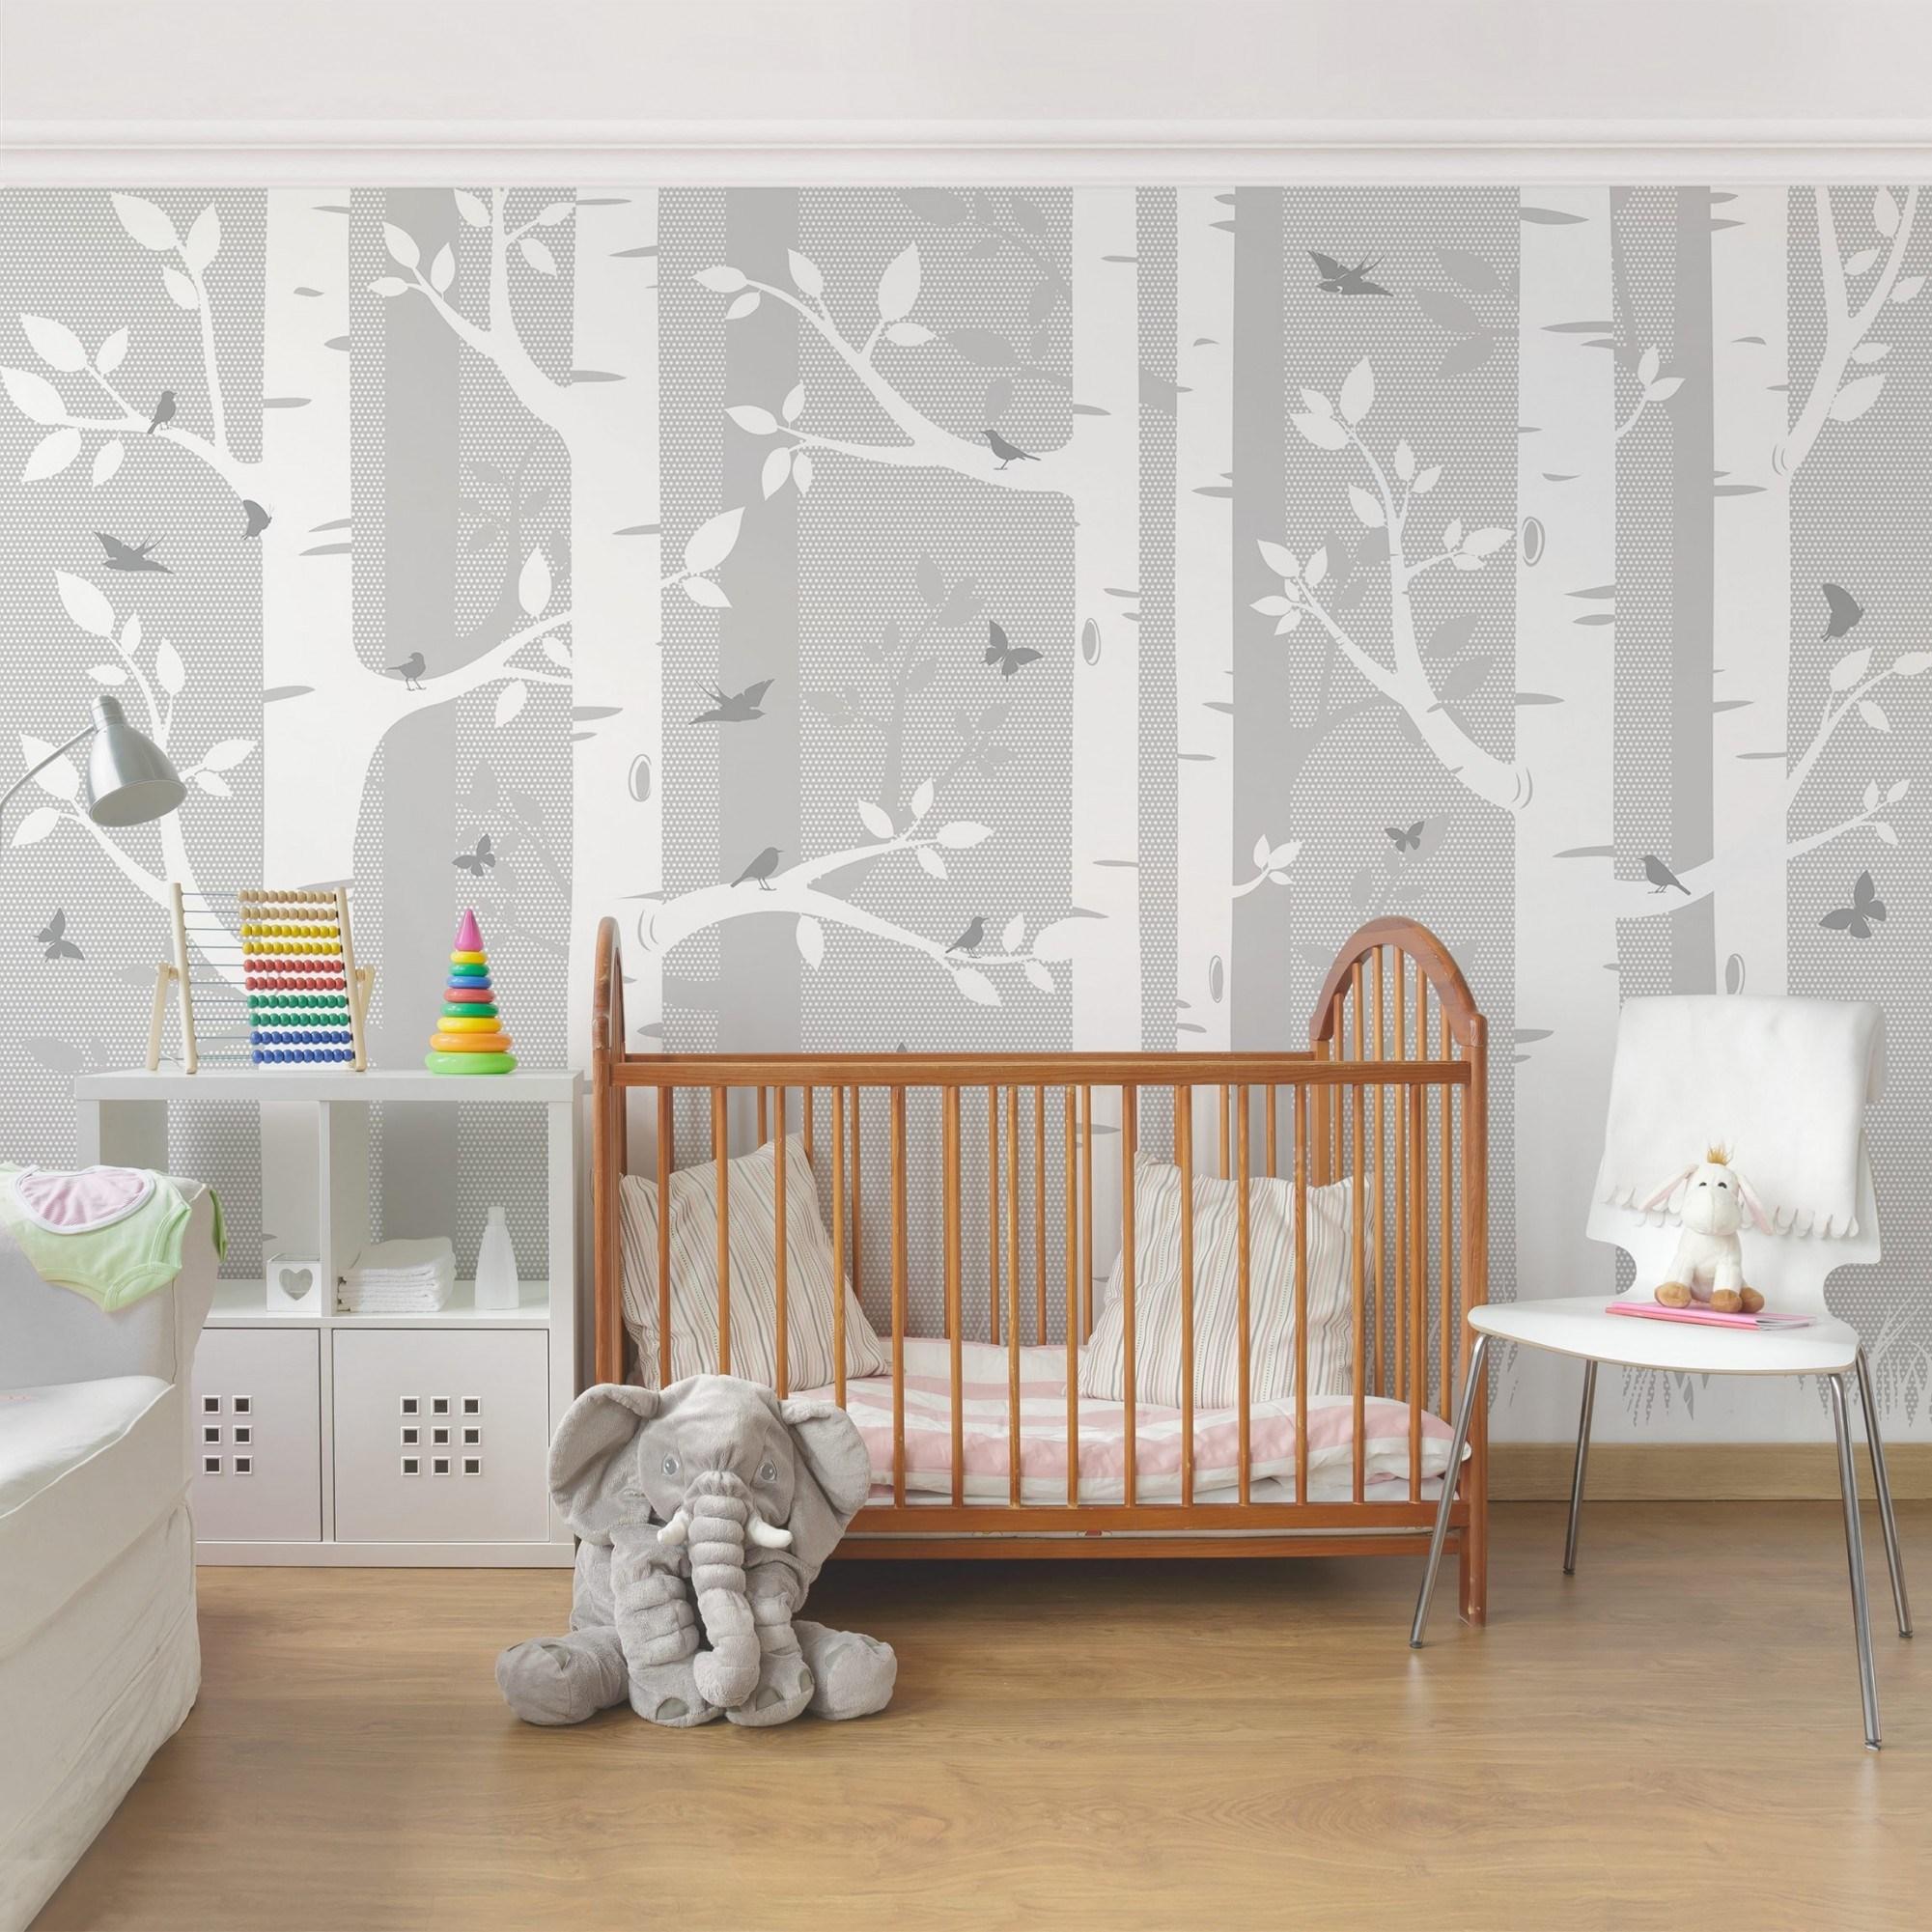 Планировка детской комнаты в скандинавском стиле